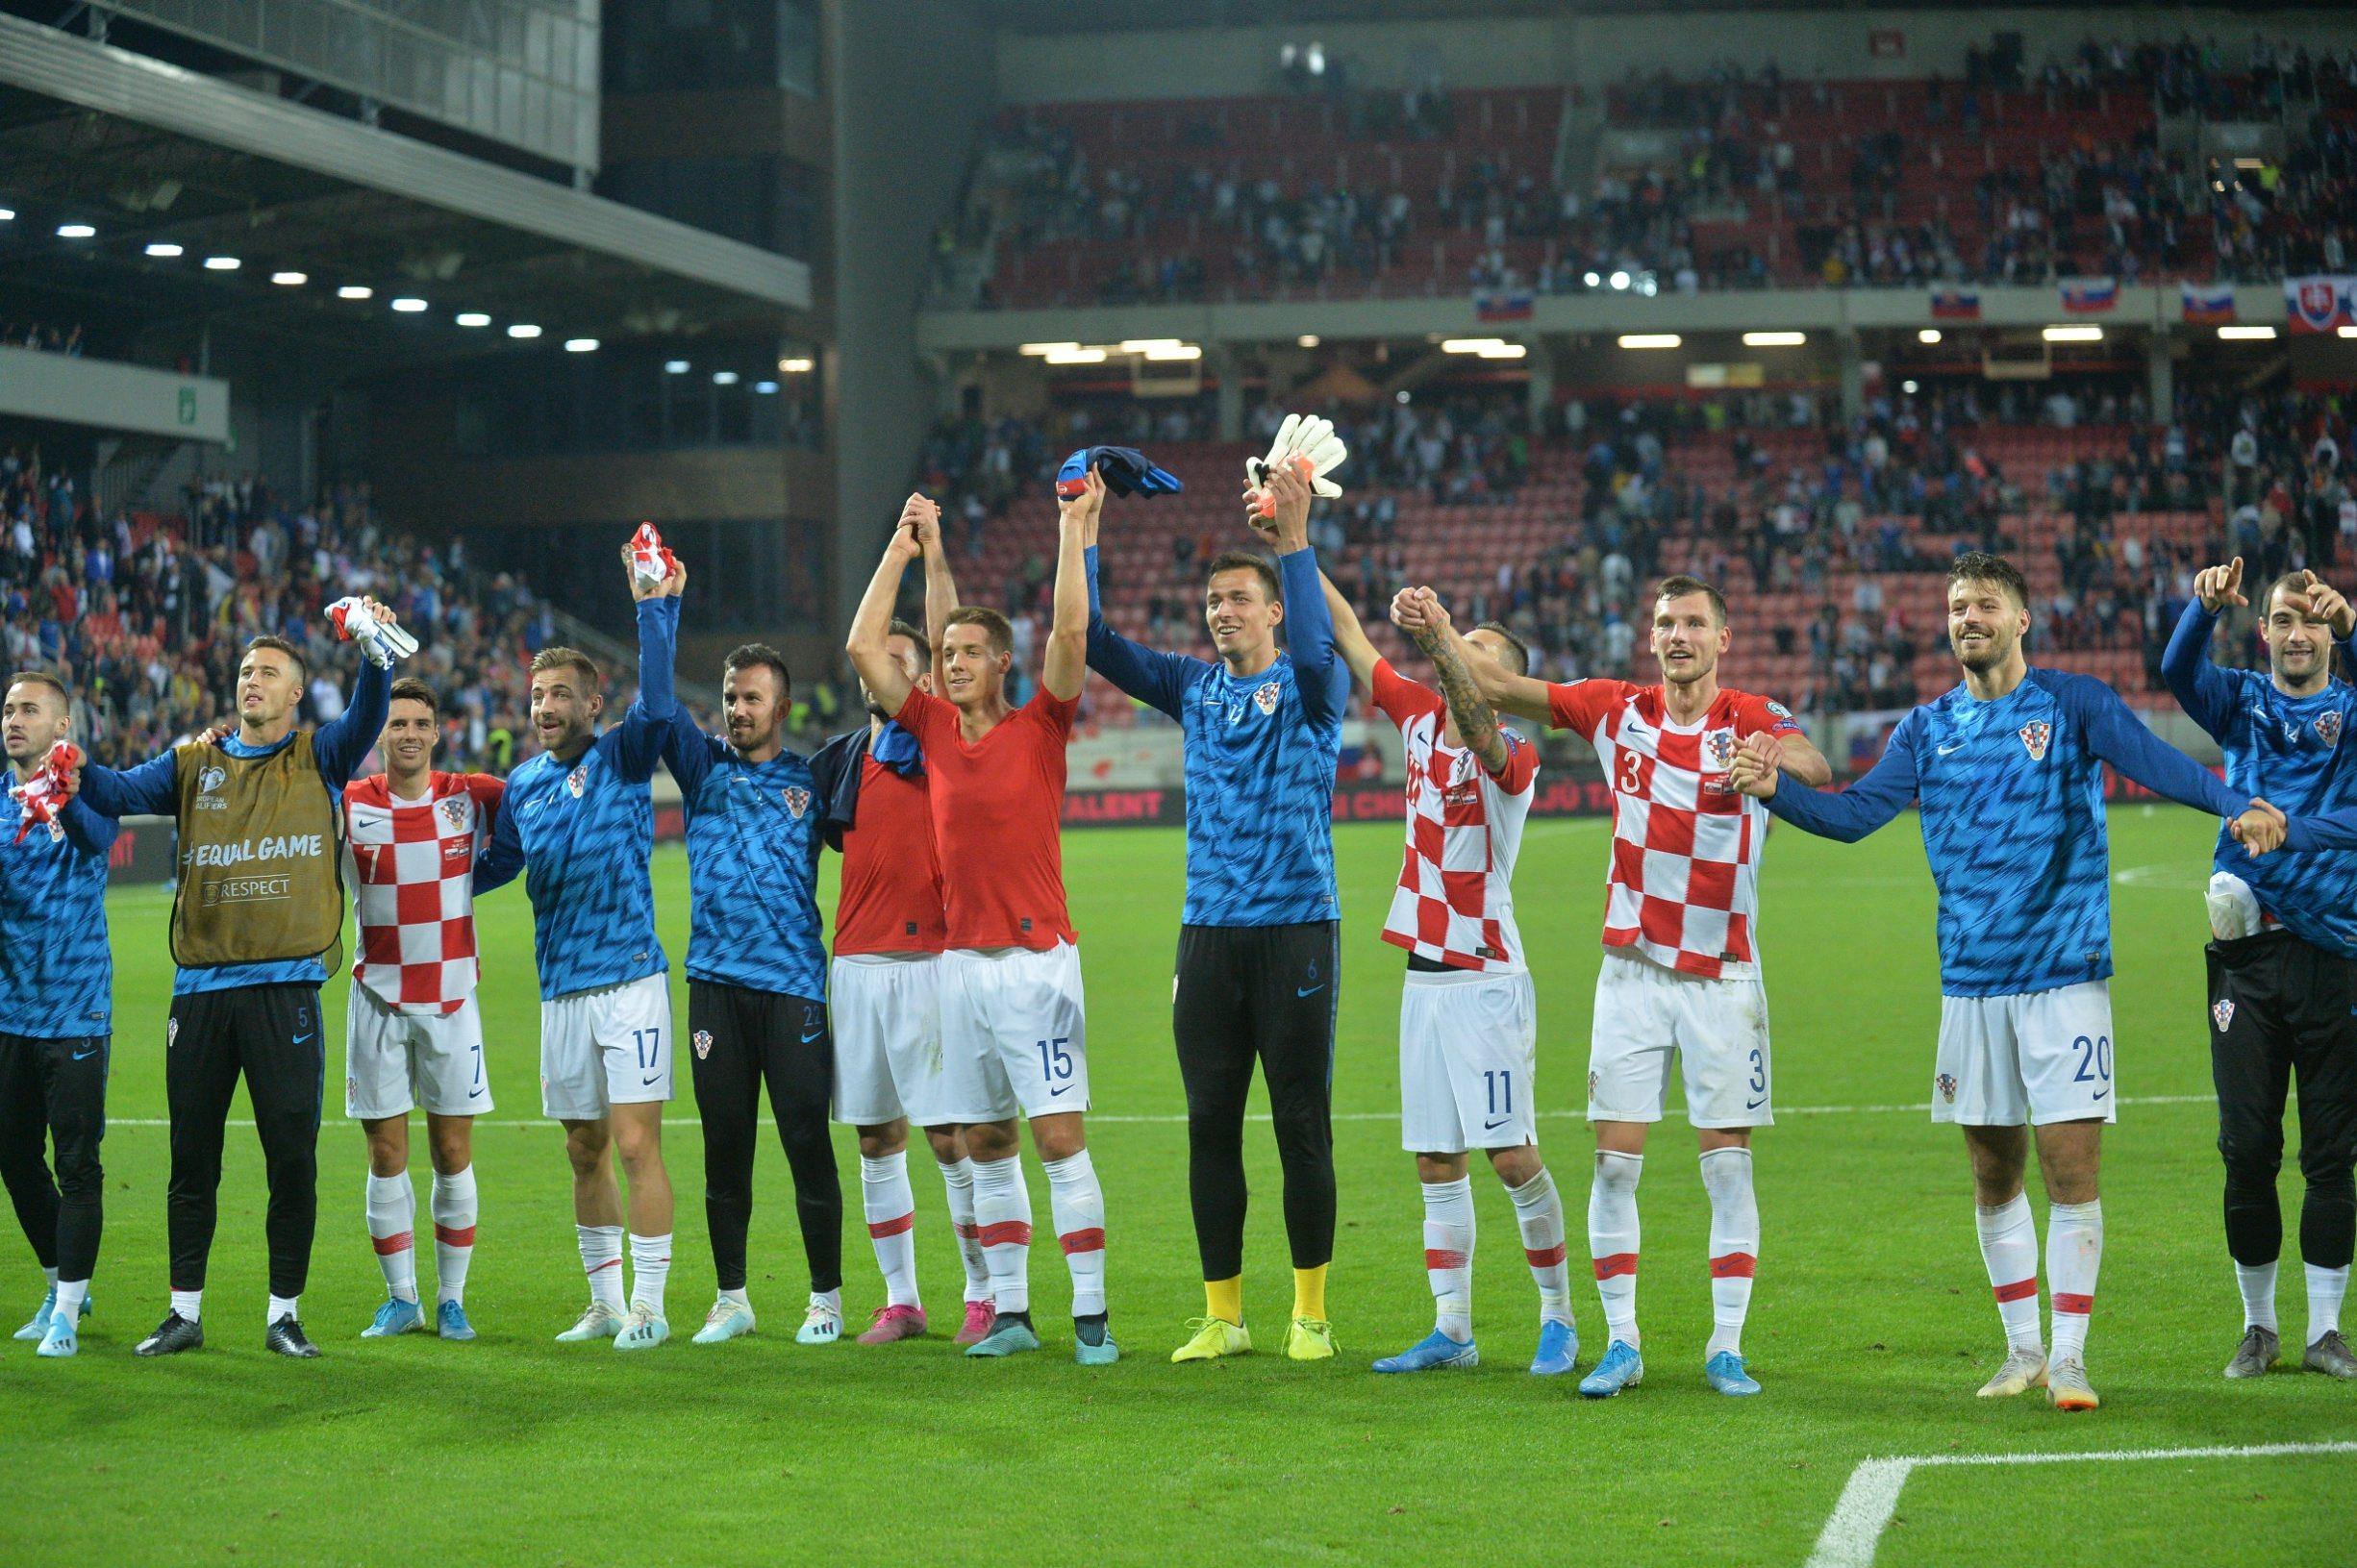 Trnava, 060919. Kvalifikacijska utakmica za UEFA Euro 2020. godine, Slovacka - Hrvatska. Na fotografiji: igraci pozdravljaju navijace. Foto: Damir Krajac / CROPIX